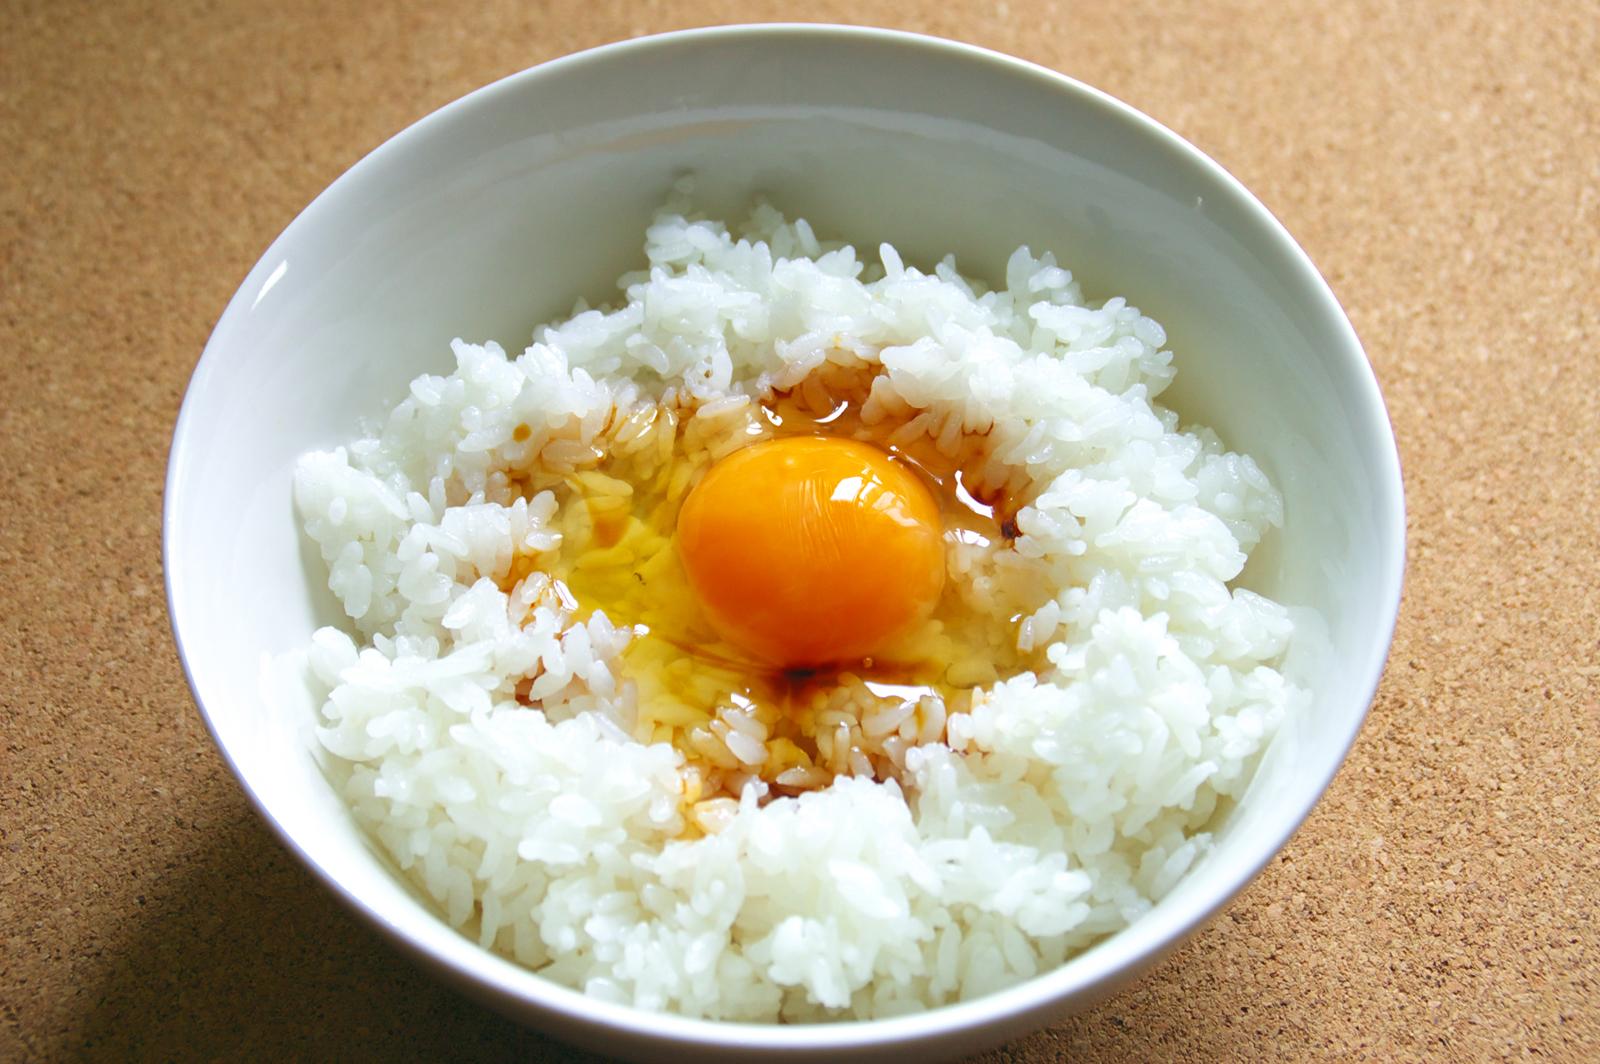 一工夫で大変身!フワフワ卵かけご飯の作り方